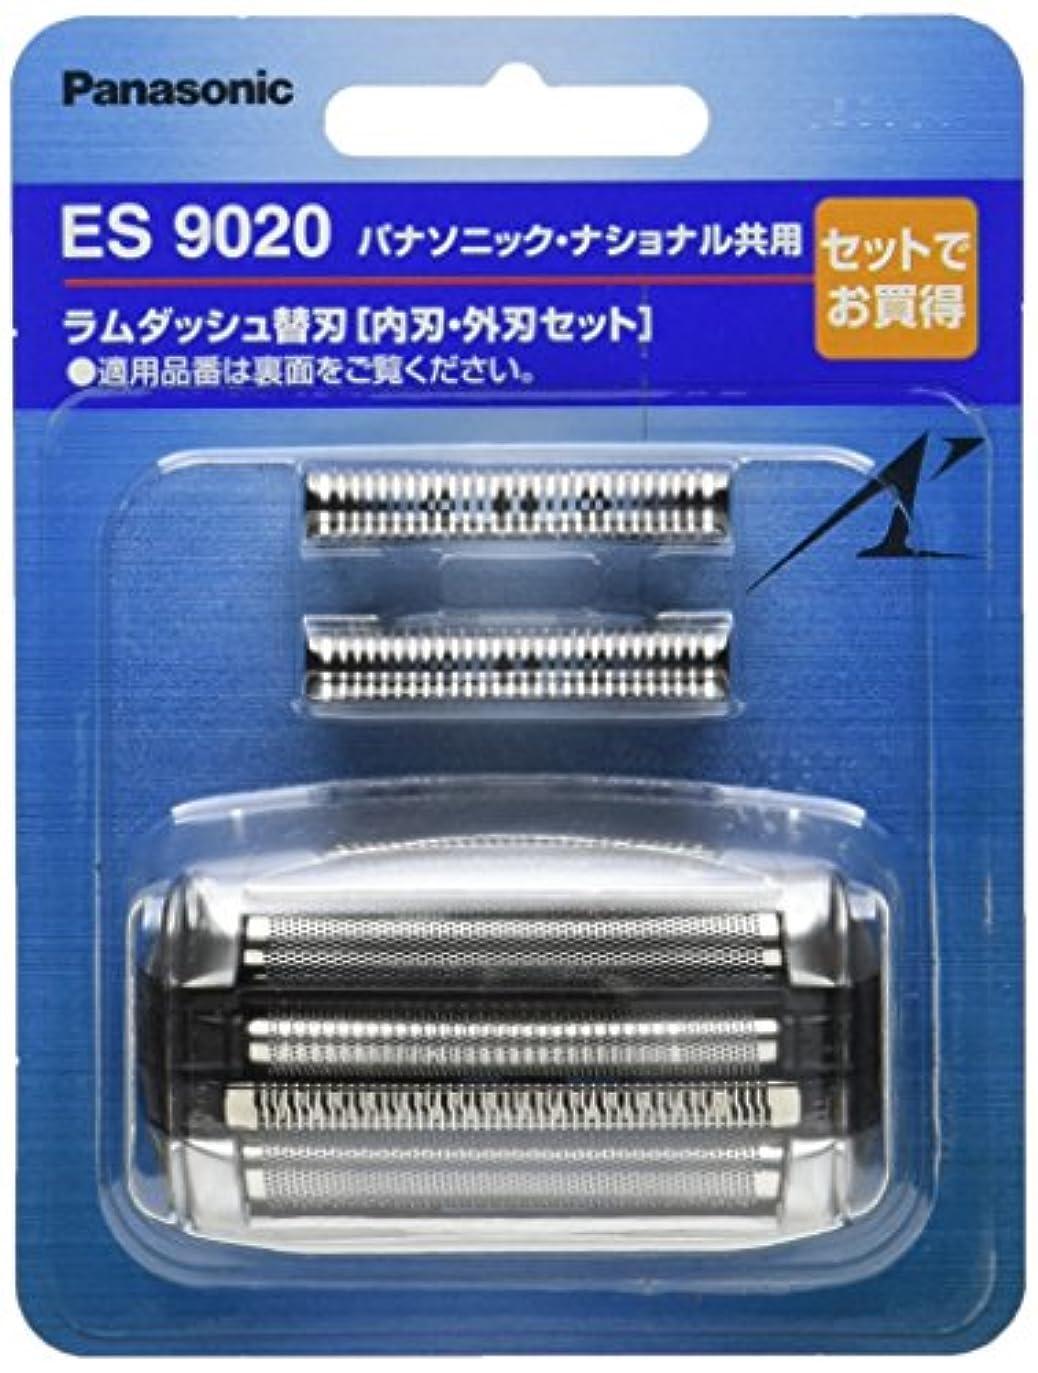 保護する理容師おめでとうパナソニック 替刃 メンズシェーバー用 ES9020